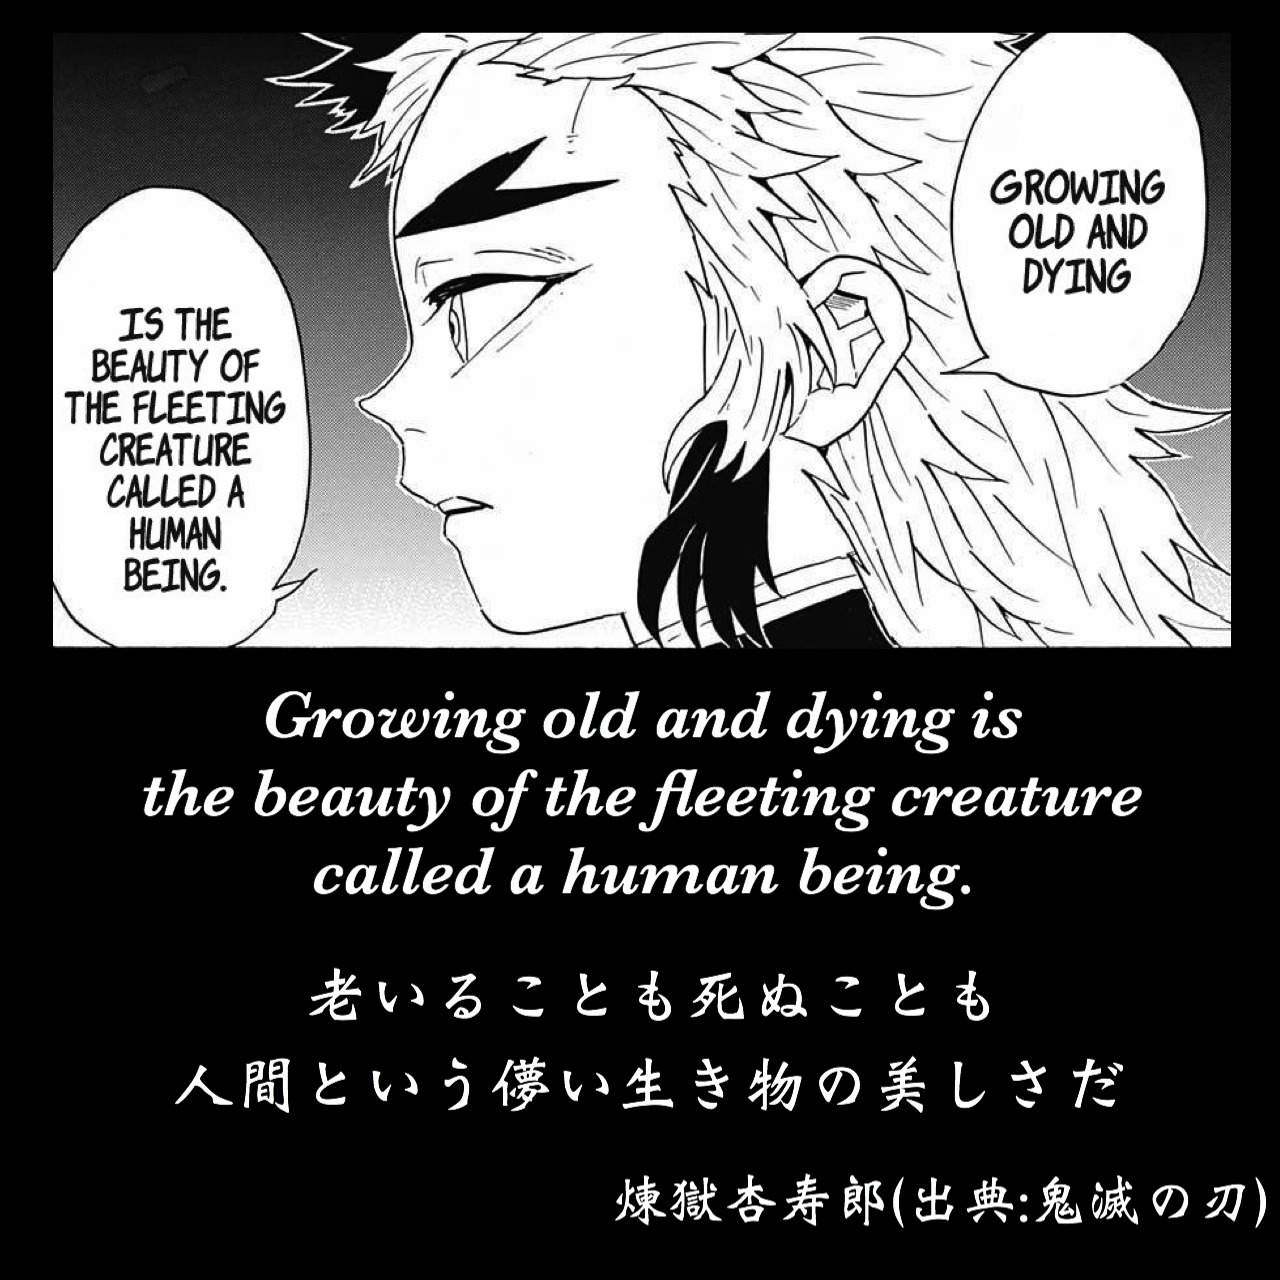 老いることも死ぬことも人間という儚い生き物の美しさだ / 煉獄杏寿郎(出典:鬼滅の刃)